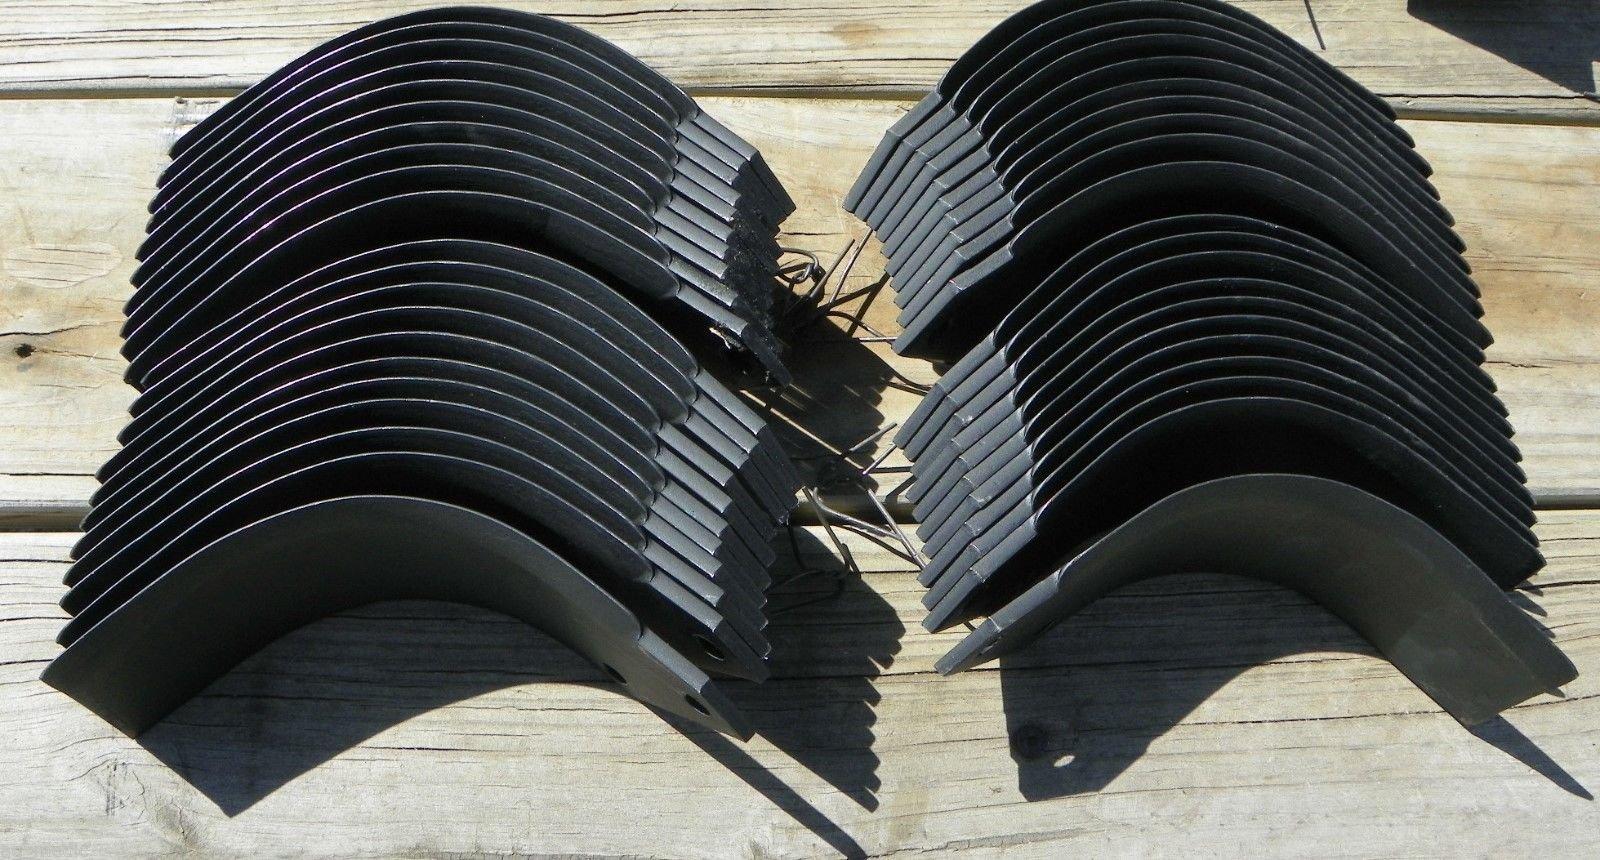 21 each John Deere Tiller Tines PT8446 & PT8447 Full Set Model 670